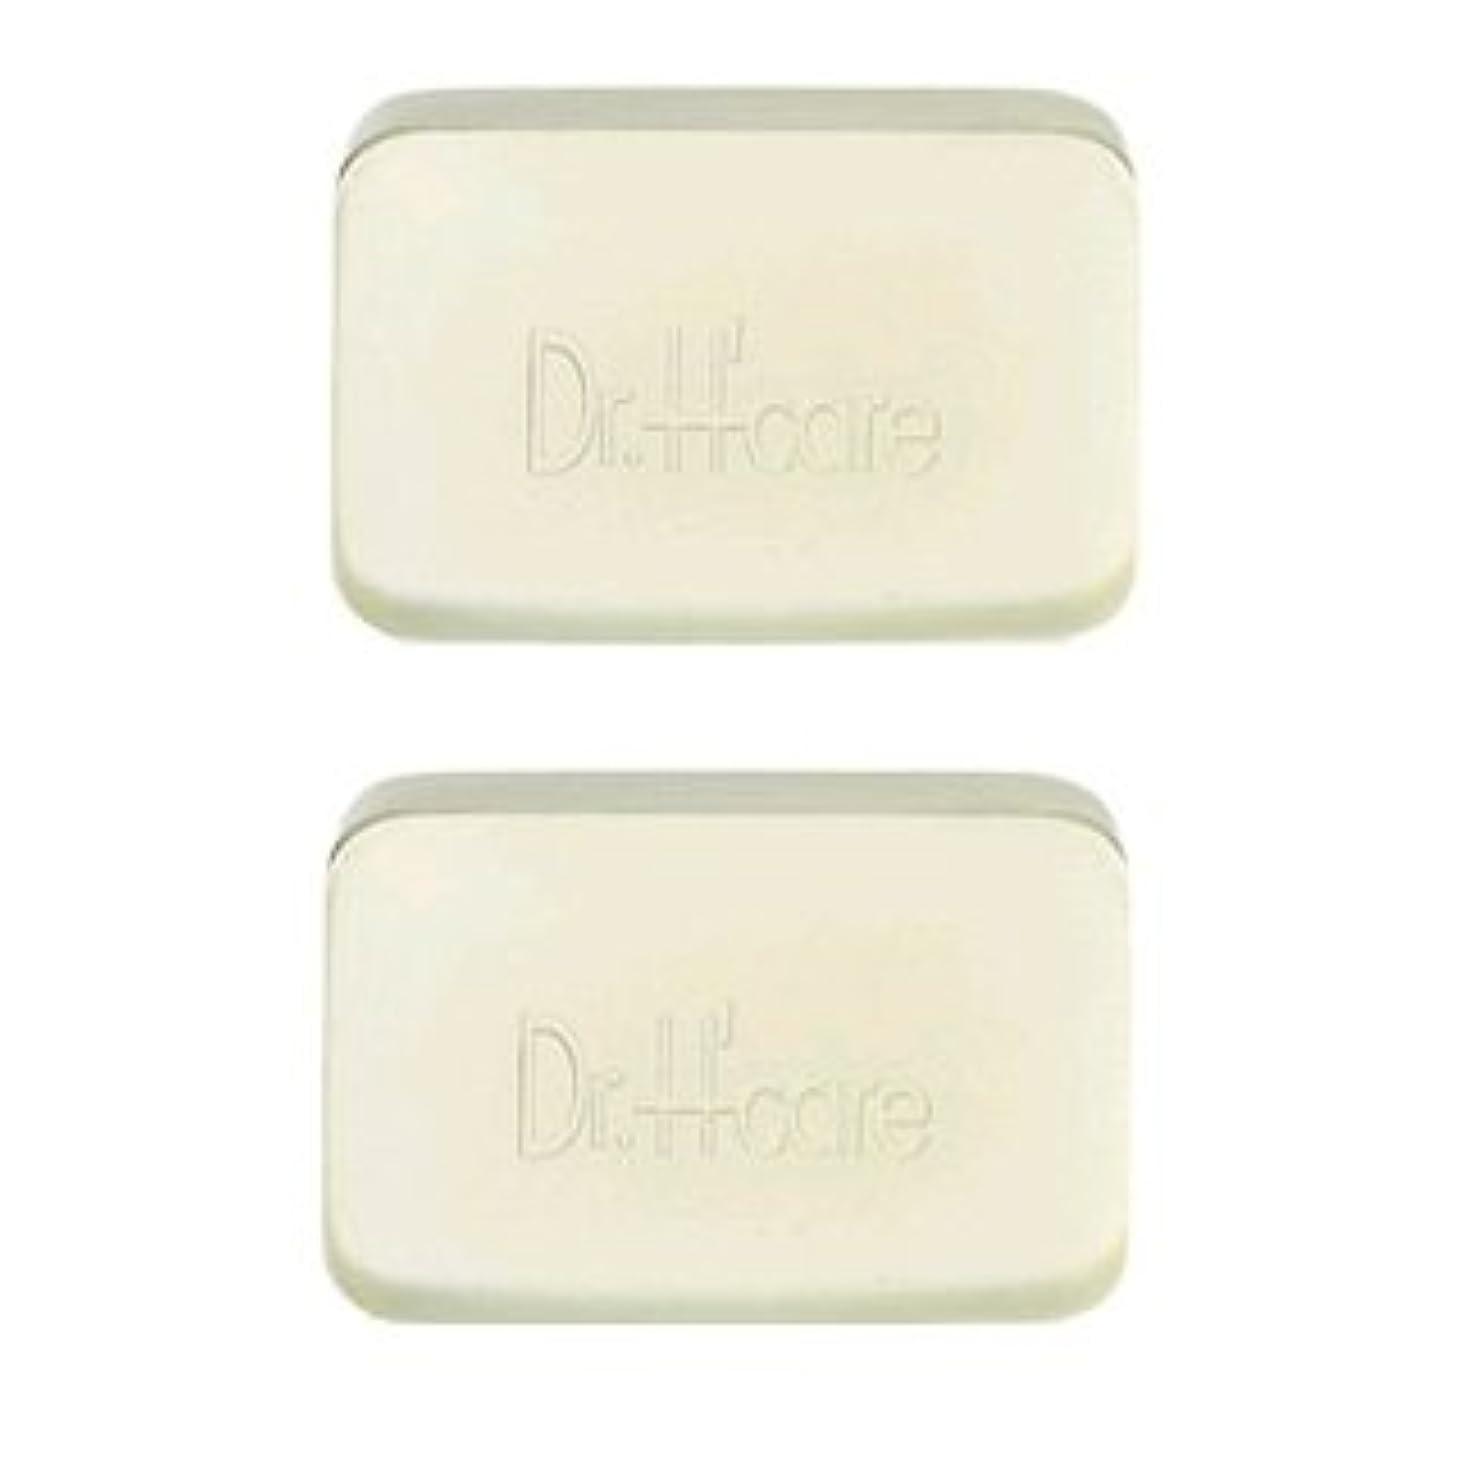 ポケット笑い洗剤【2個セット】アシュケア 薬用 バランスアップウォッシュ (低刺激性洗顔石けん)100g